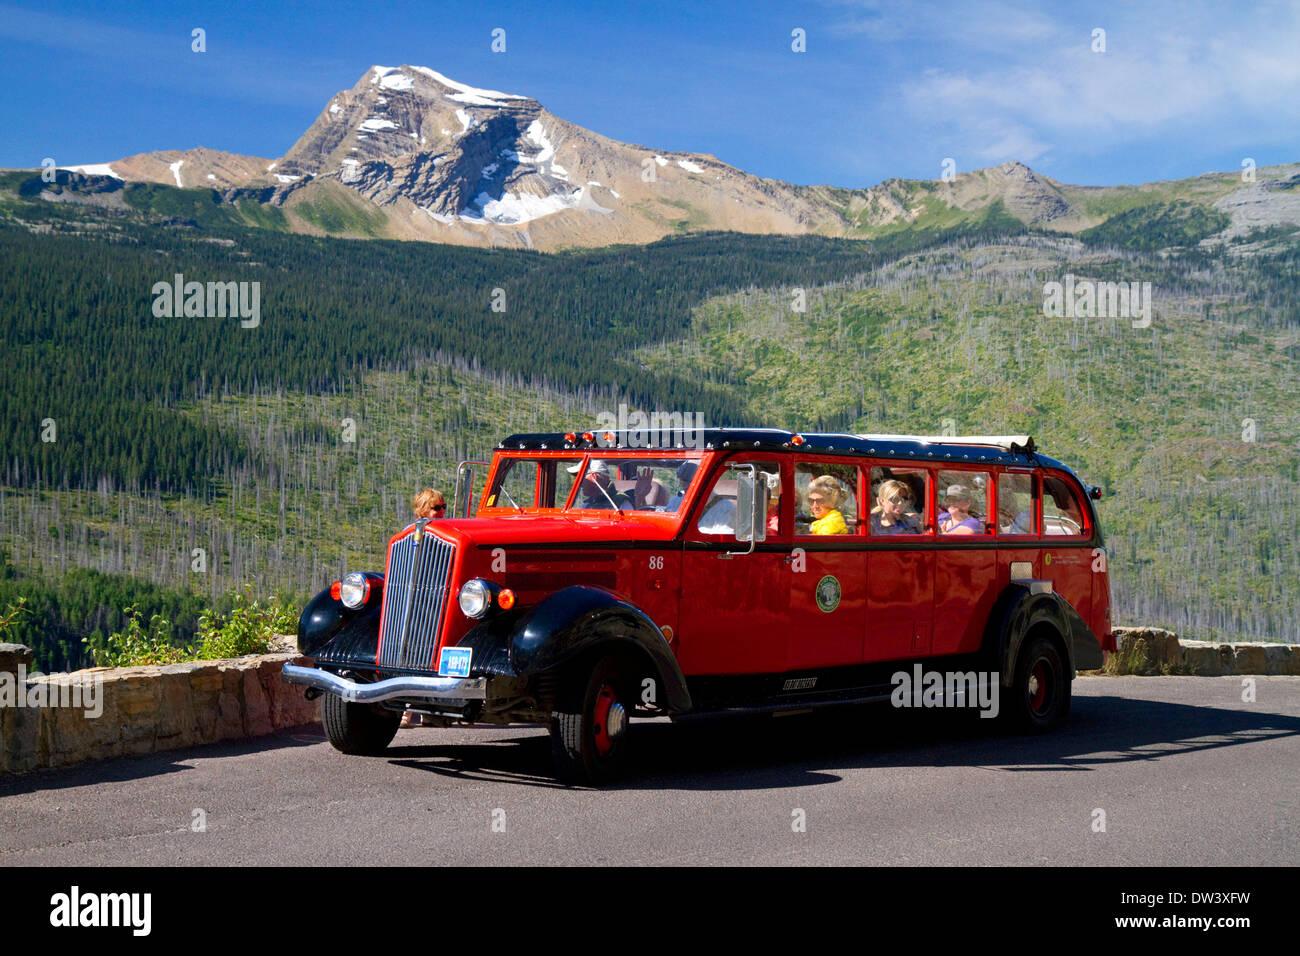 Red jammer glacier national park | jammer legacy dance revolution